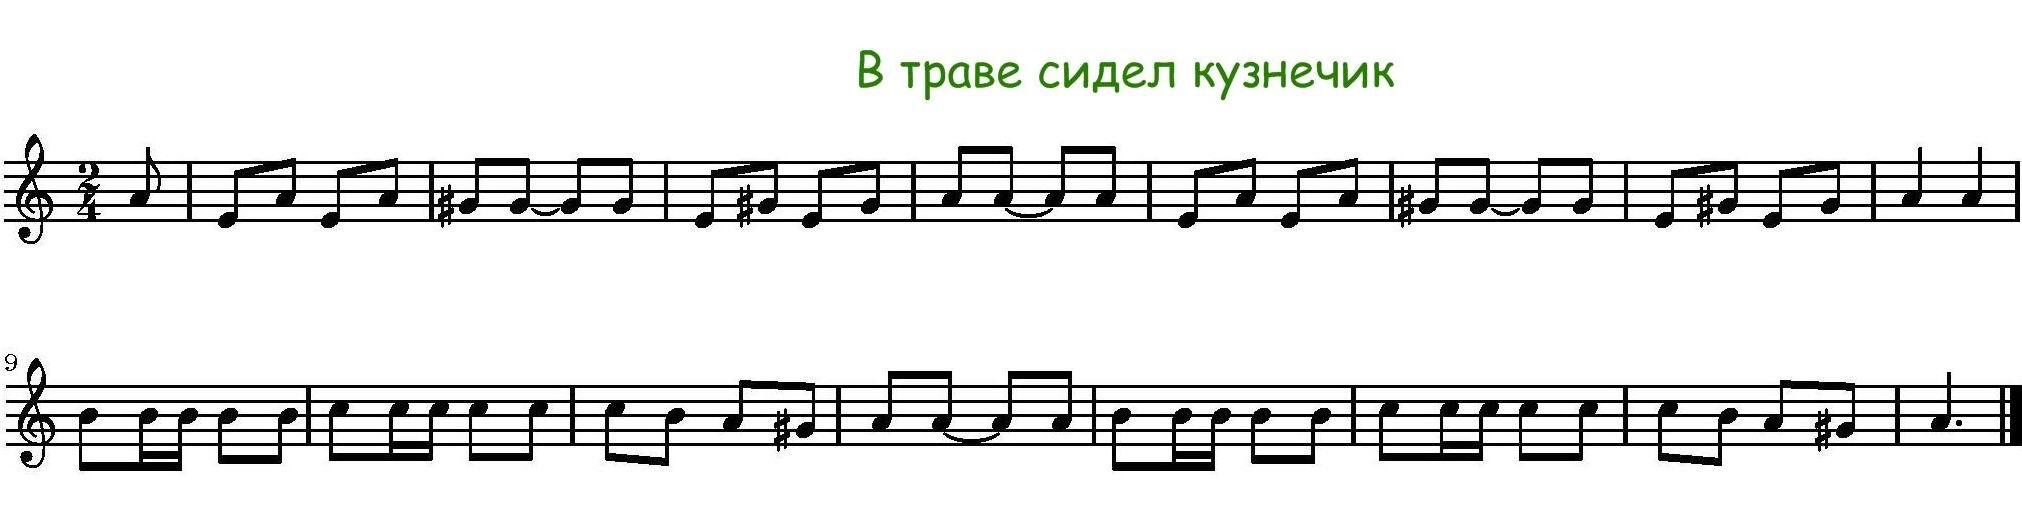 Песенка в траве сидел кузнечик аккорды - de5